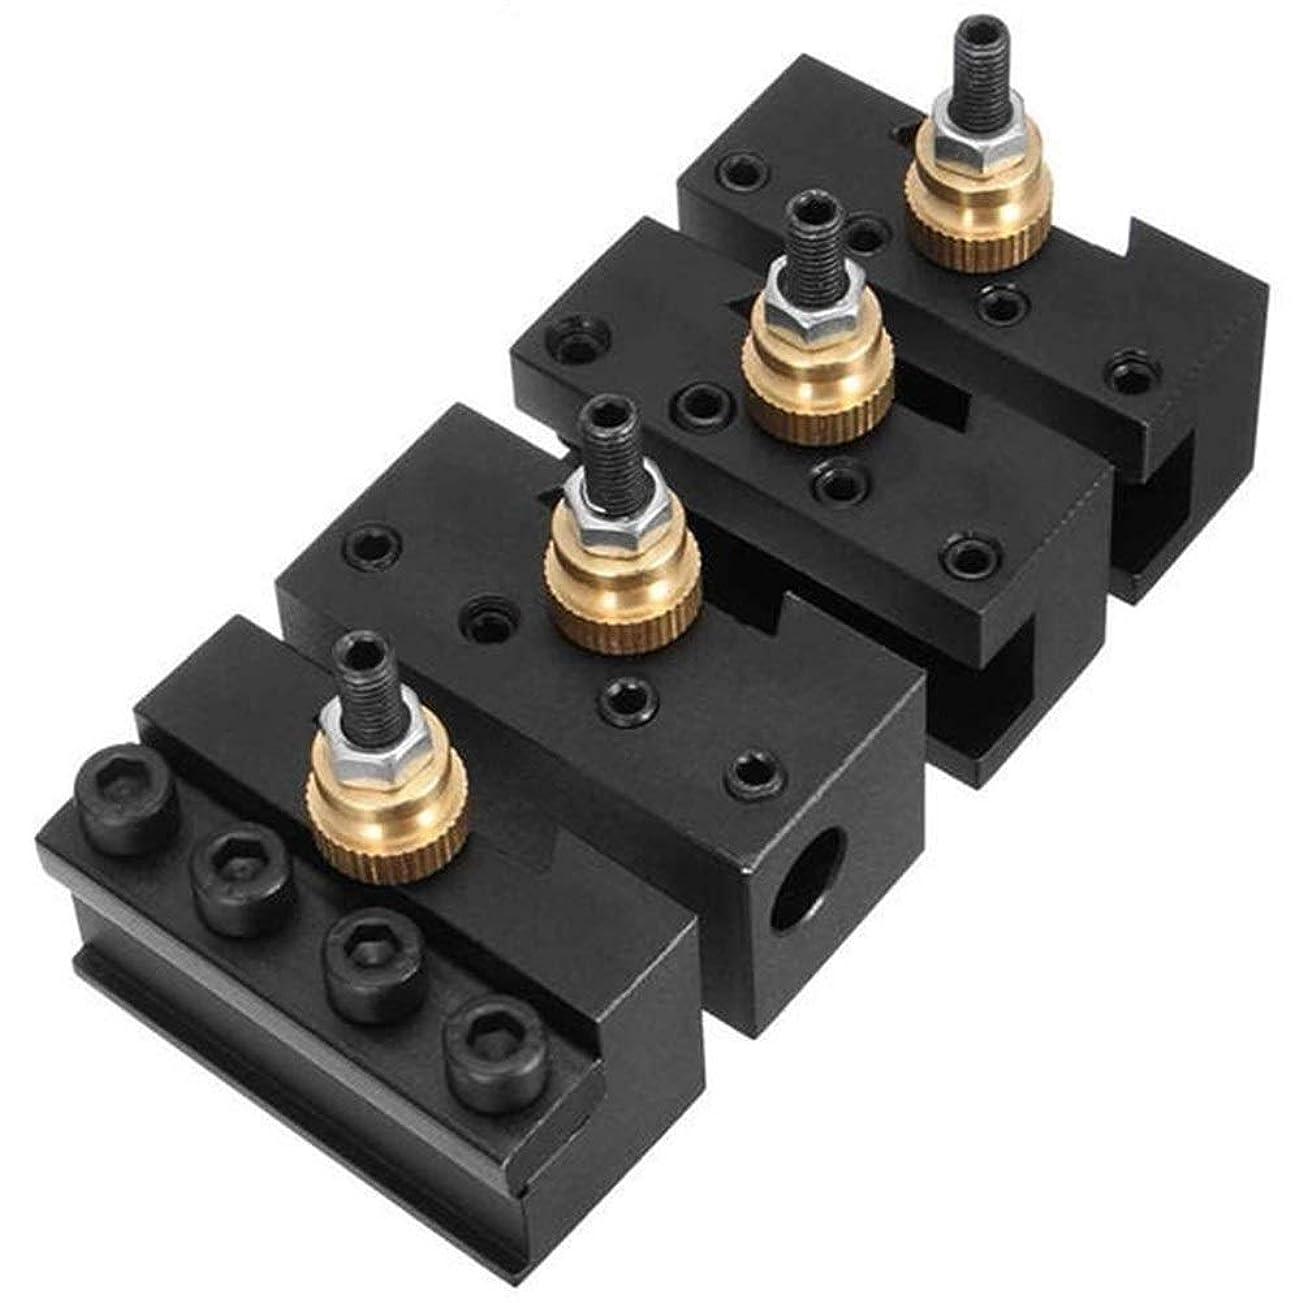 請う繕うゲートウェイSYF-SYF 4本のミニ旋盤カットオフブレード工具ホルダセット用のクイックチェンジツールポストホルダーメタル旋盤 鋸刃